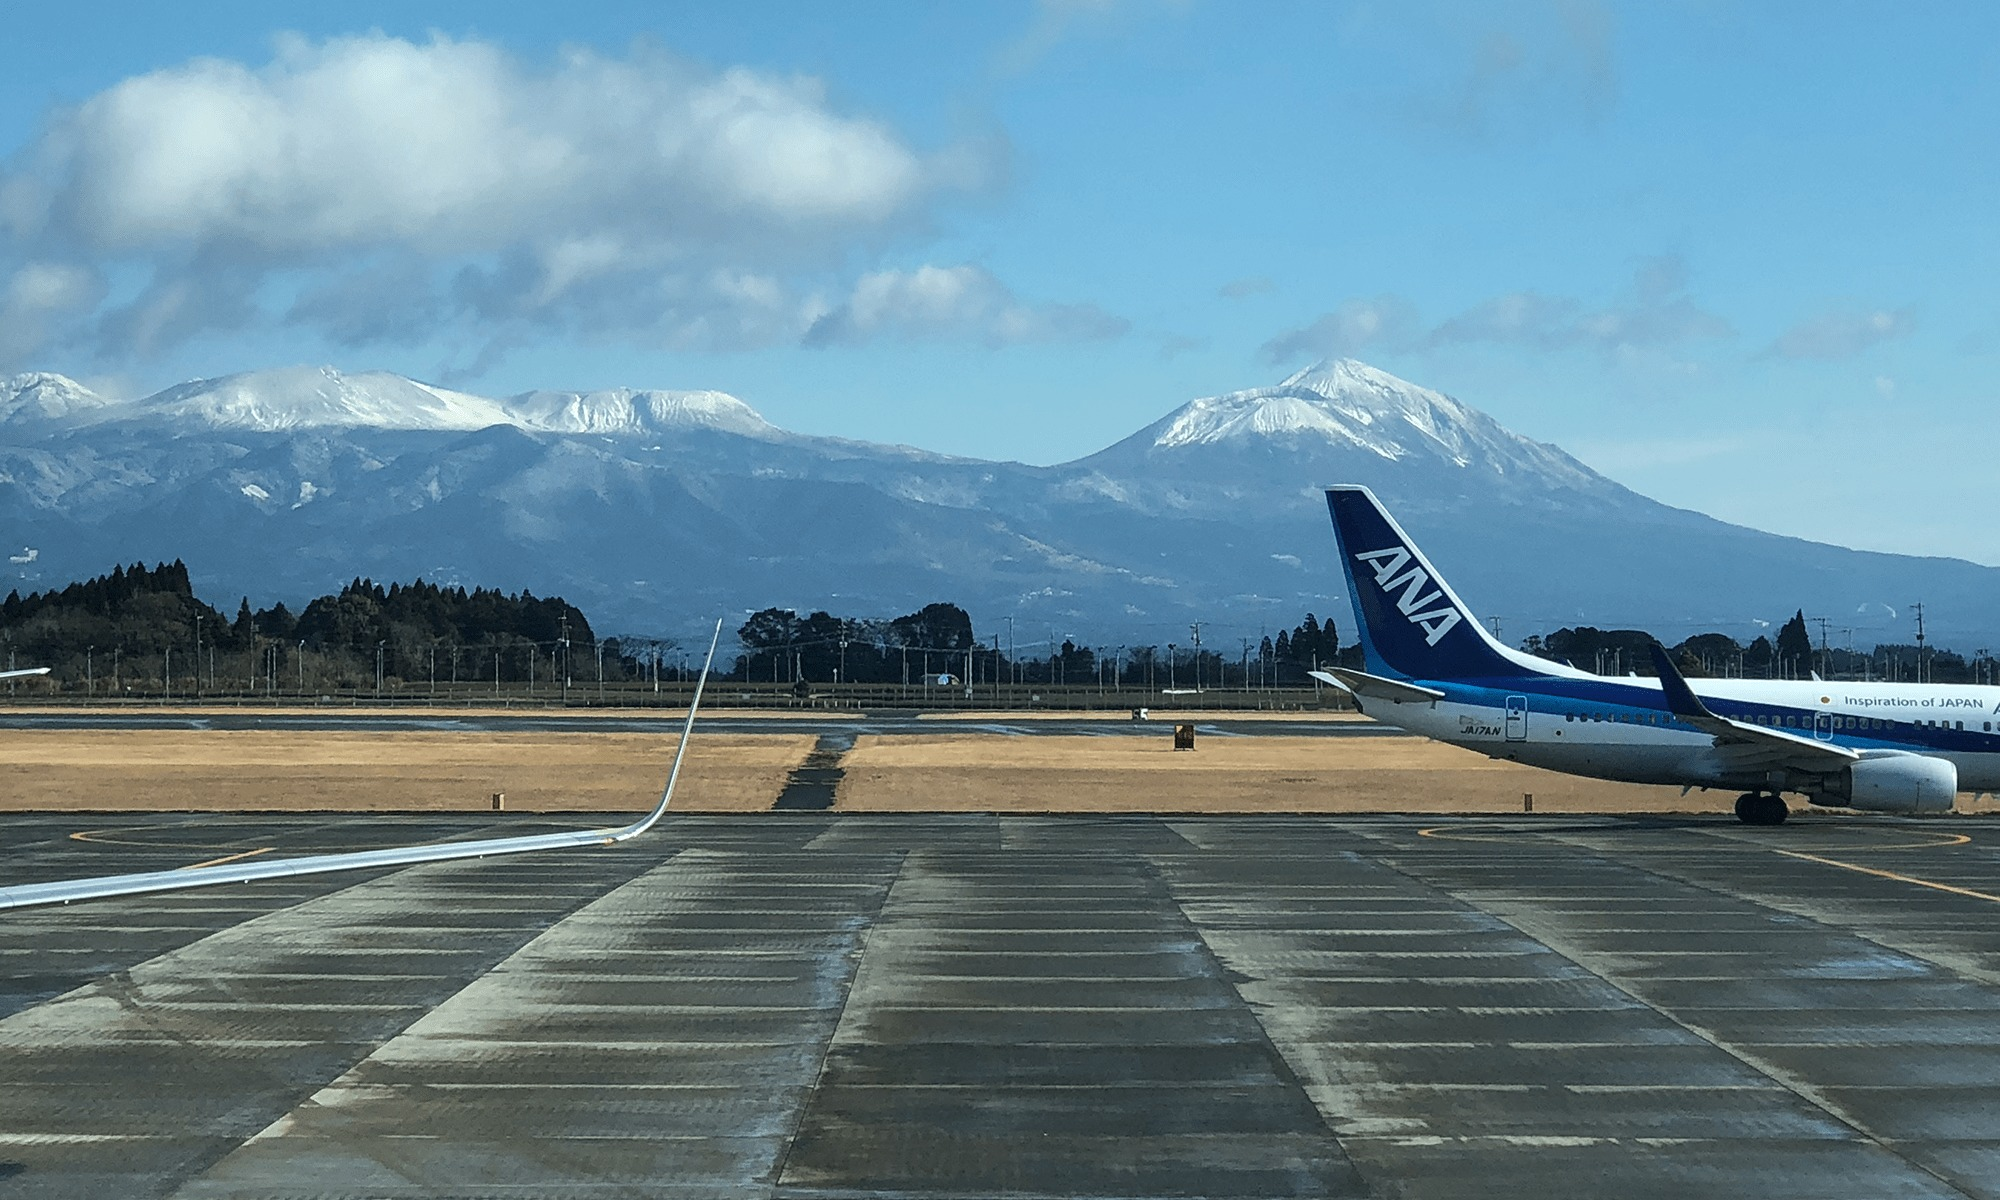 霧島山雪化粧とイームズ・シェルチェア「鹿児島空港」